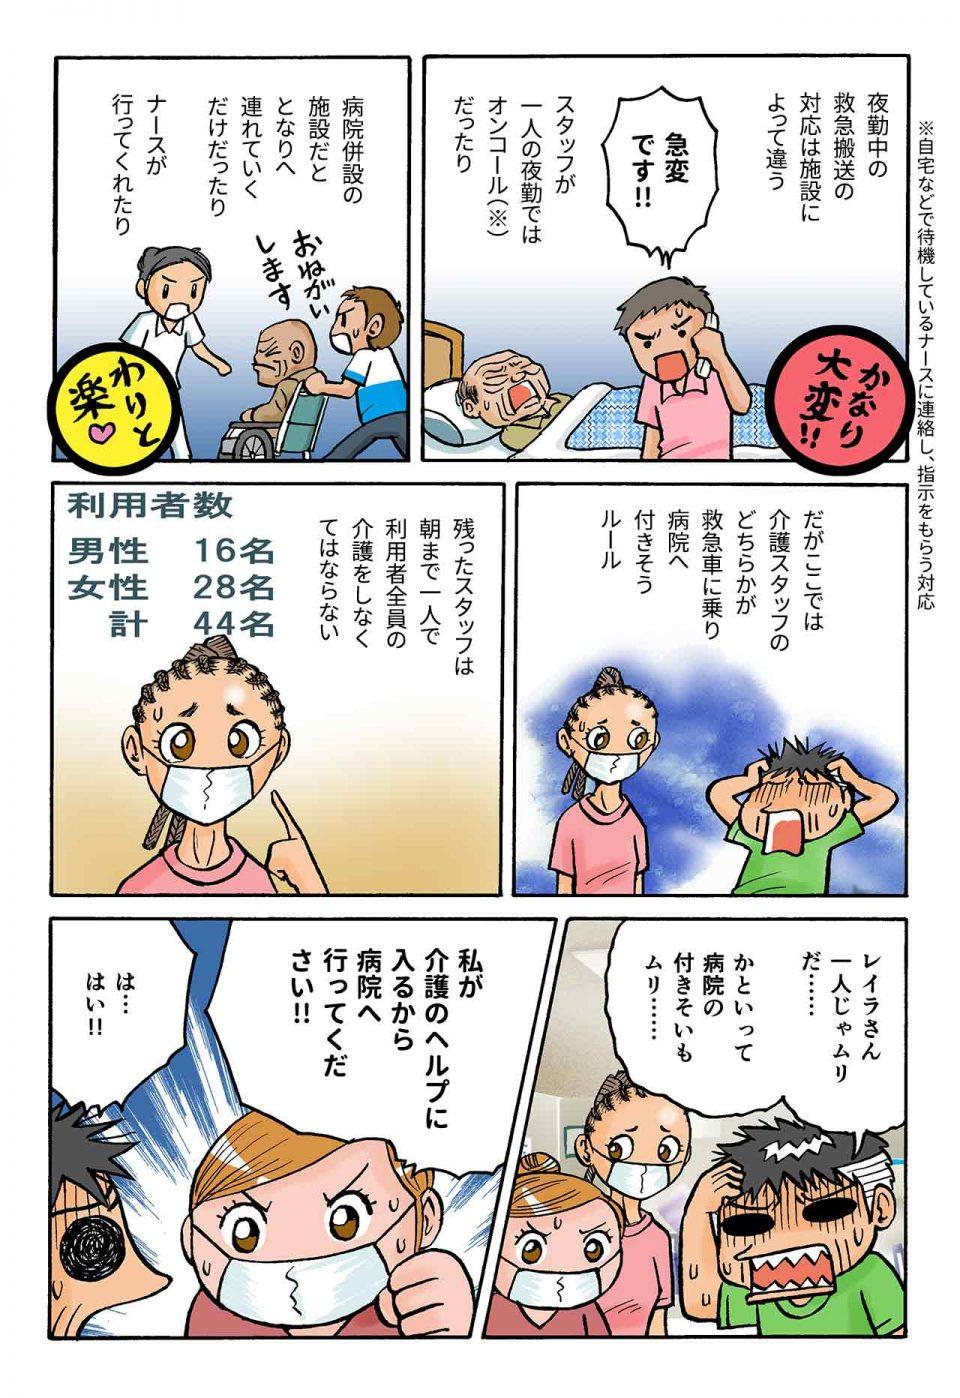 介護施設の夜勤で救急搬送_介護漫画_八万介助_11-3